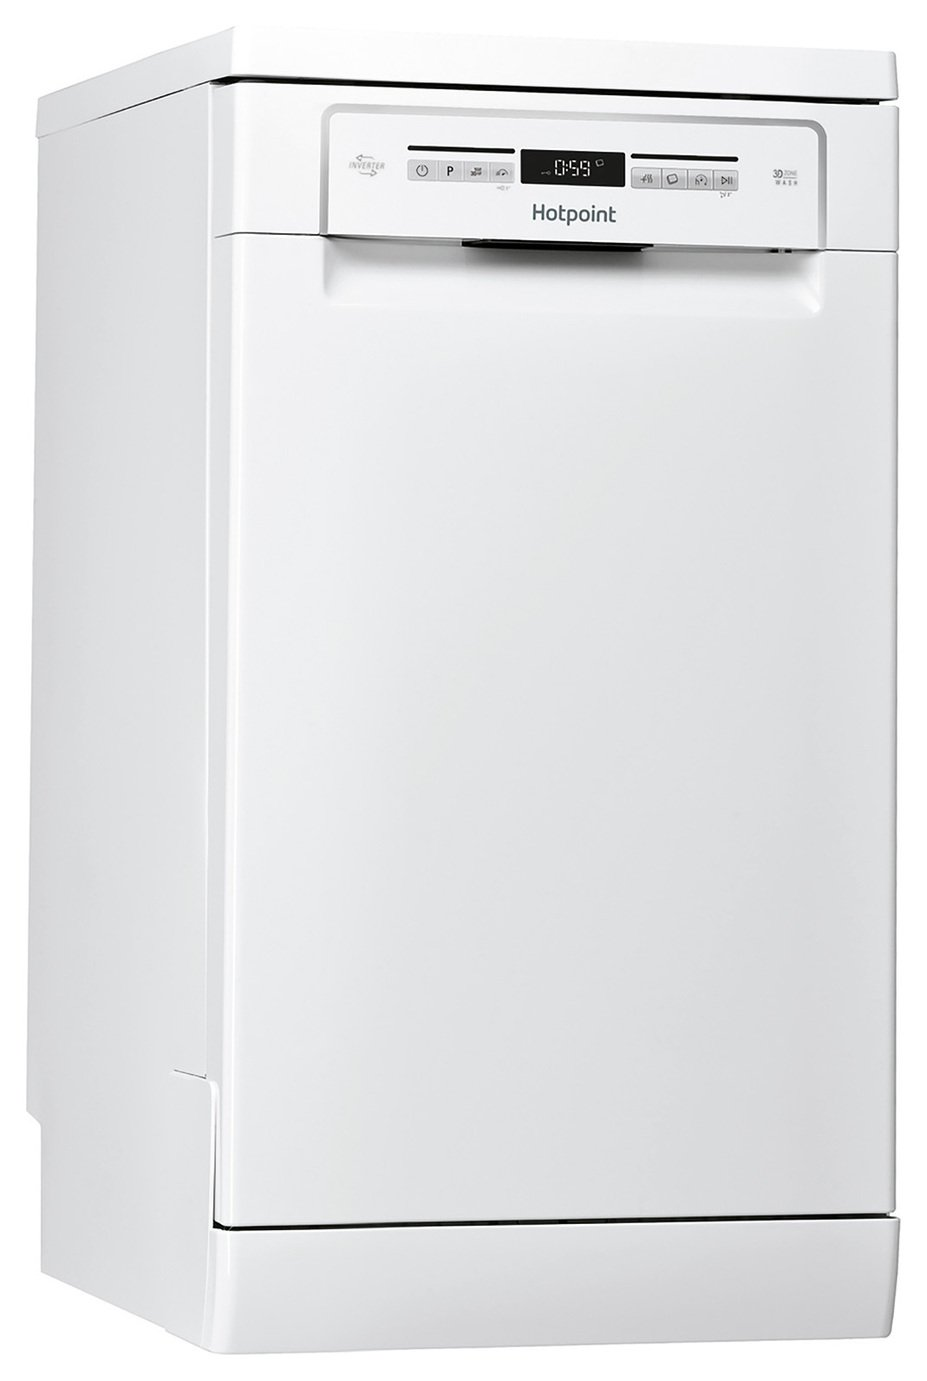 Hotpoint HSFO3T223WUK Slimline Dishwasher - White